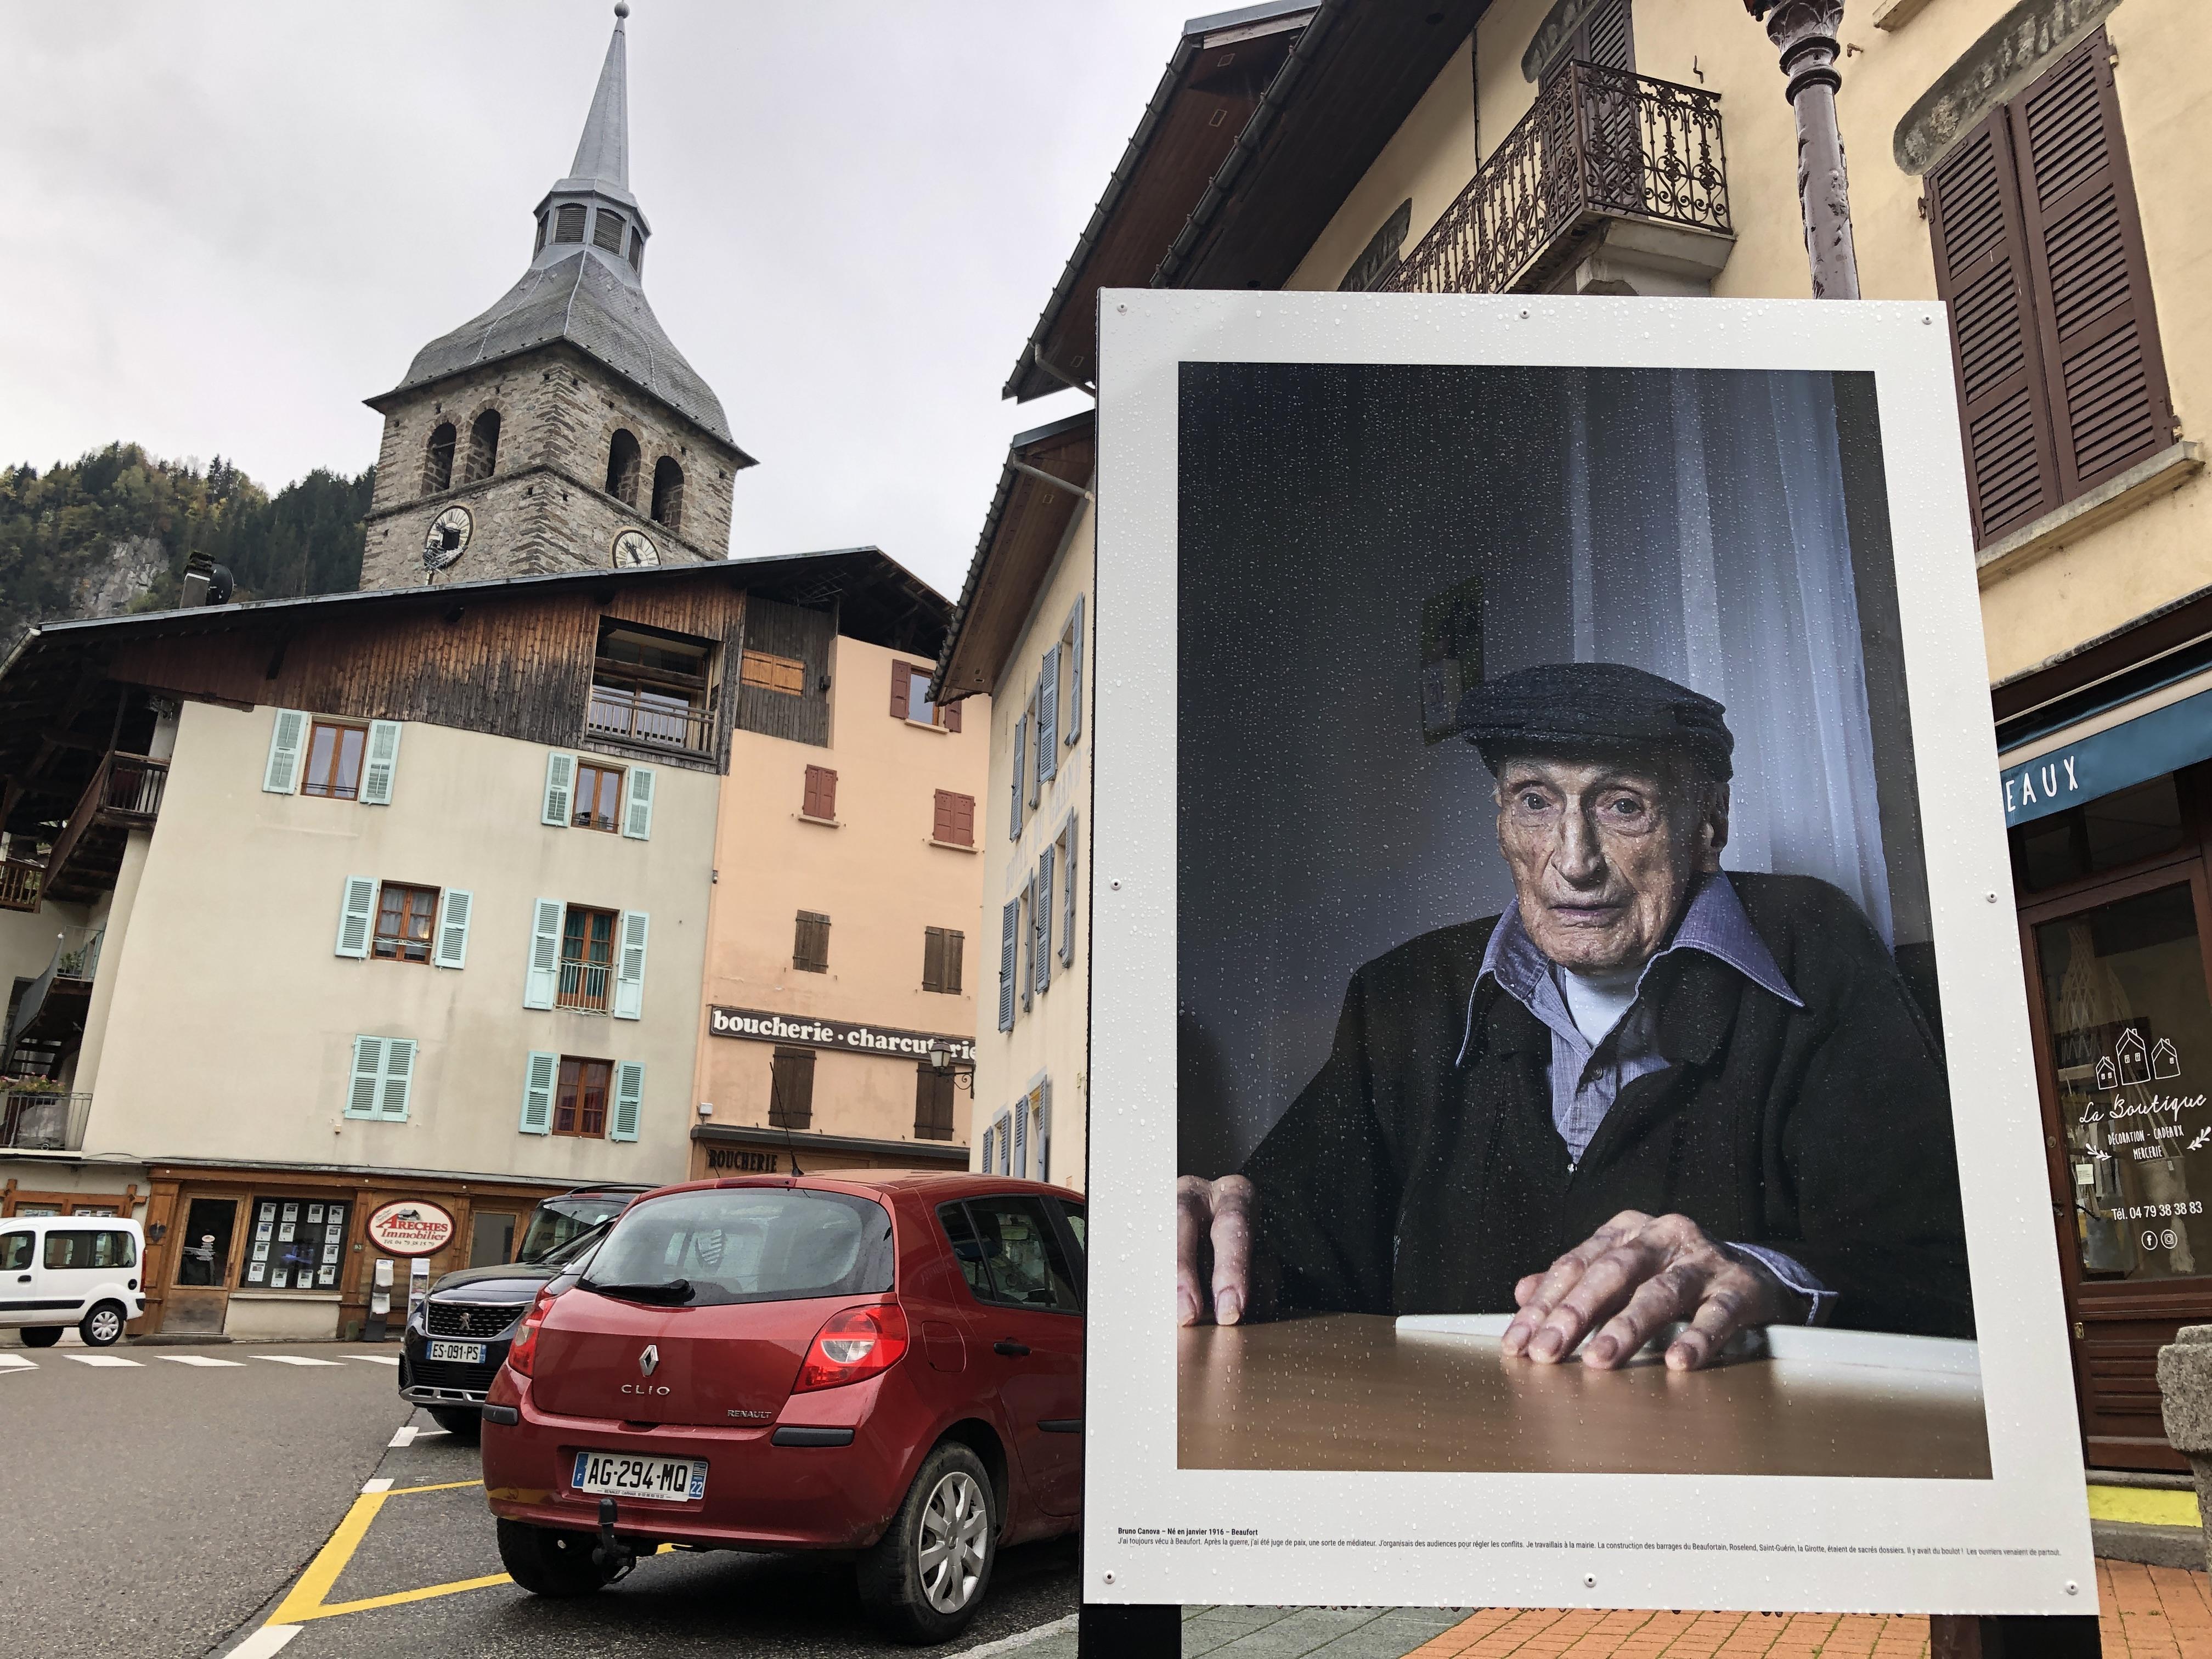 La vieillesse est mise à l'honneur dans les rues de Beaufort où on est happé par ces regards qui en disent long.